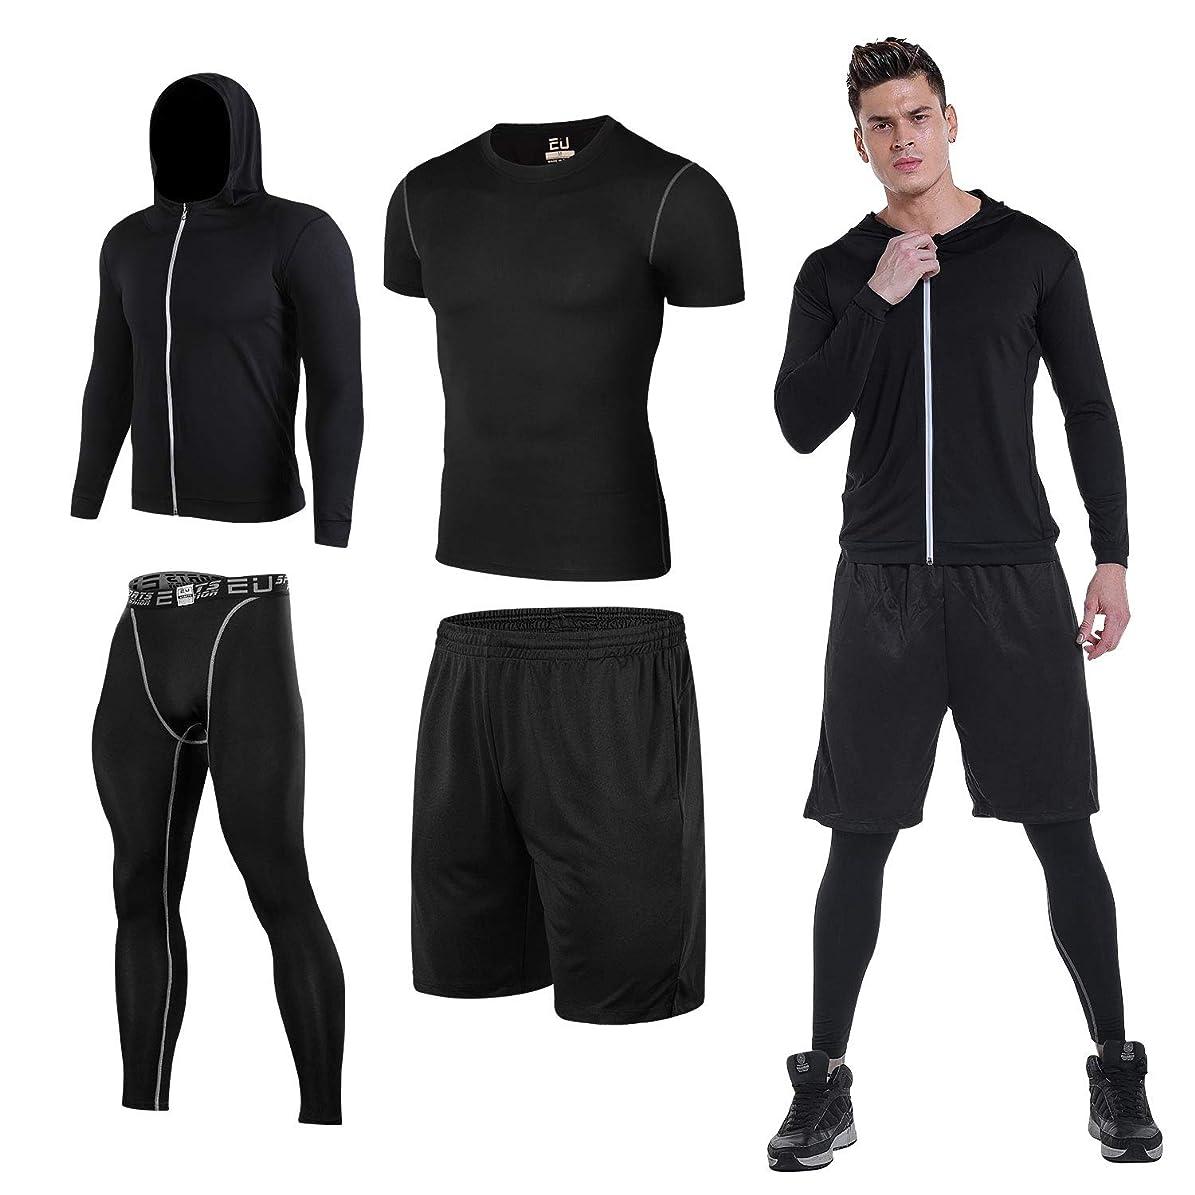 サロンコンパイルかもしれないSillictor スポーツウェア 3点/4点 セット 半袖 長袖 コンプレッションウェア + ロング コンプレッションタイツ + ショート パンツ メンズ [UVカット + 吸汗速乾]